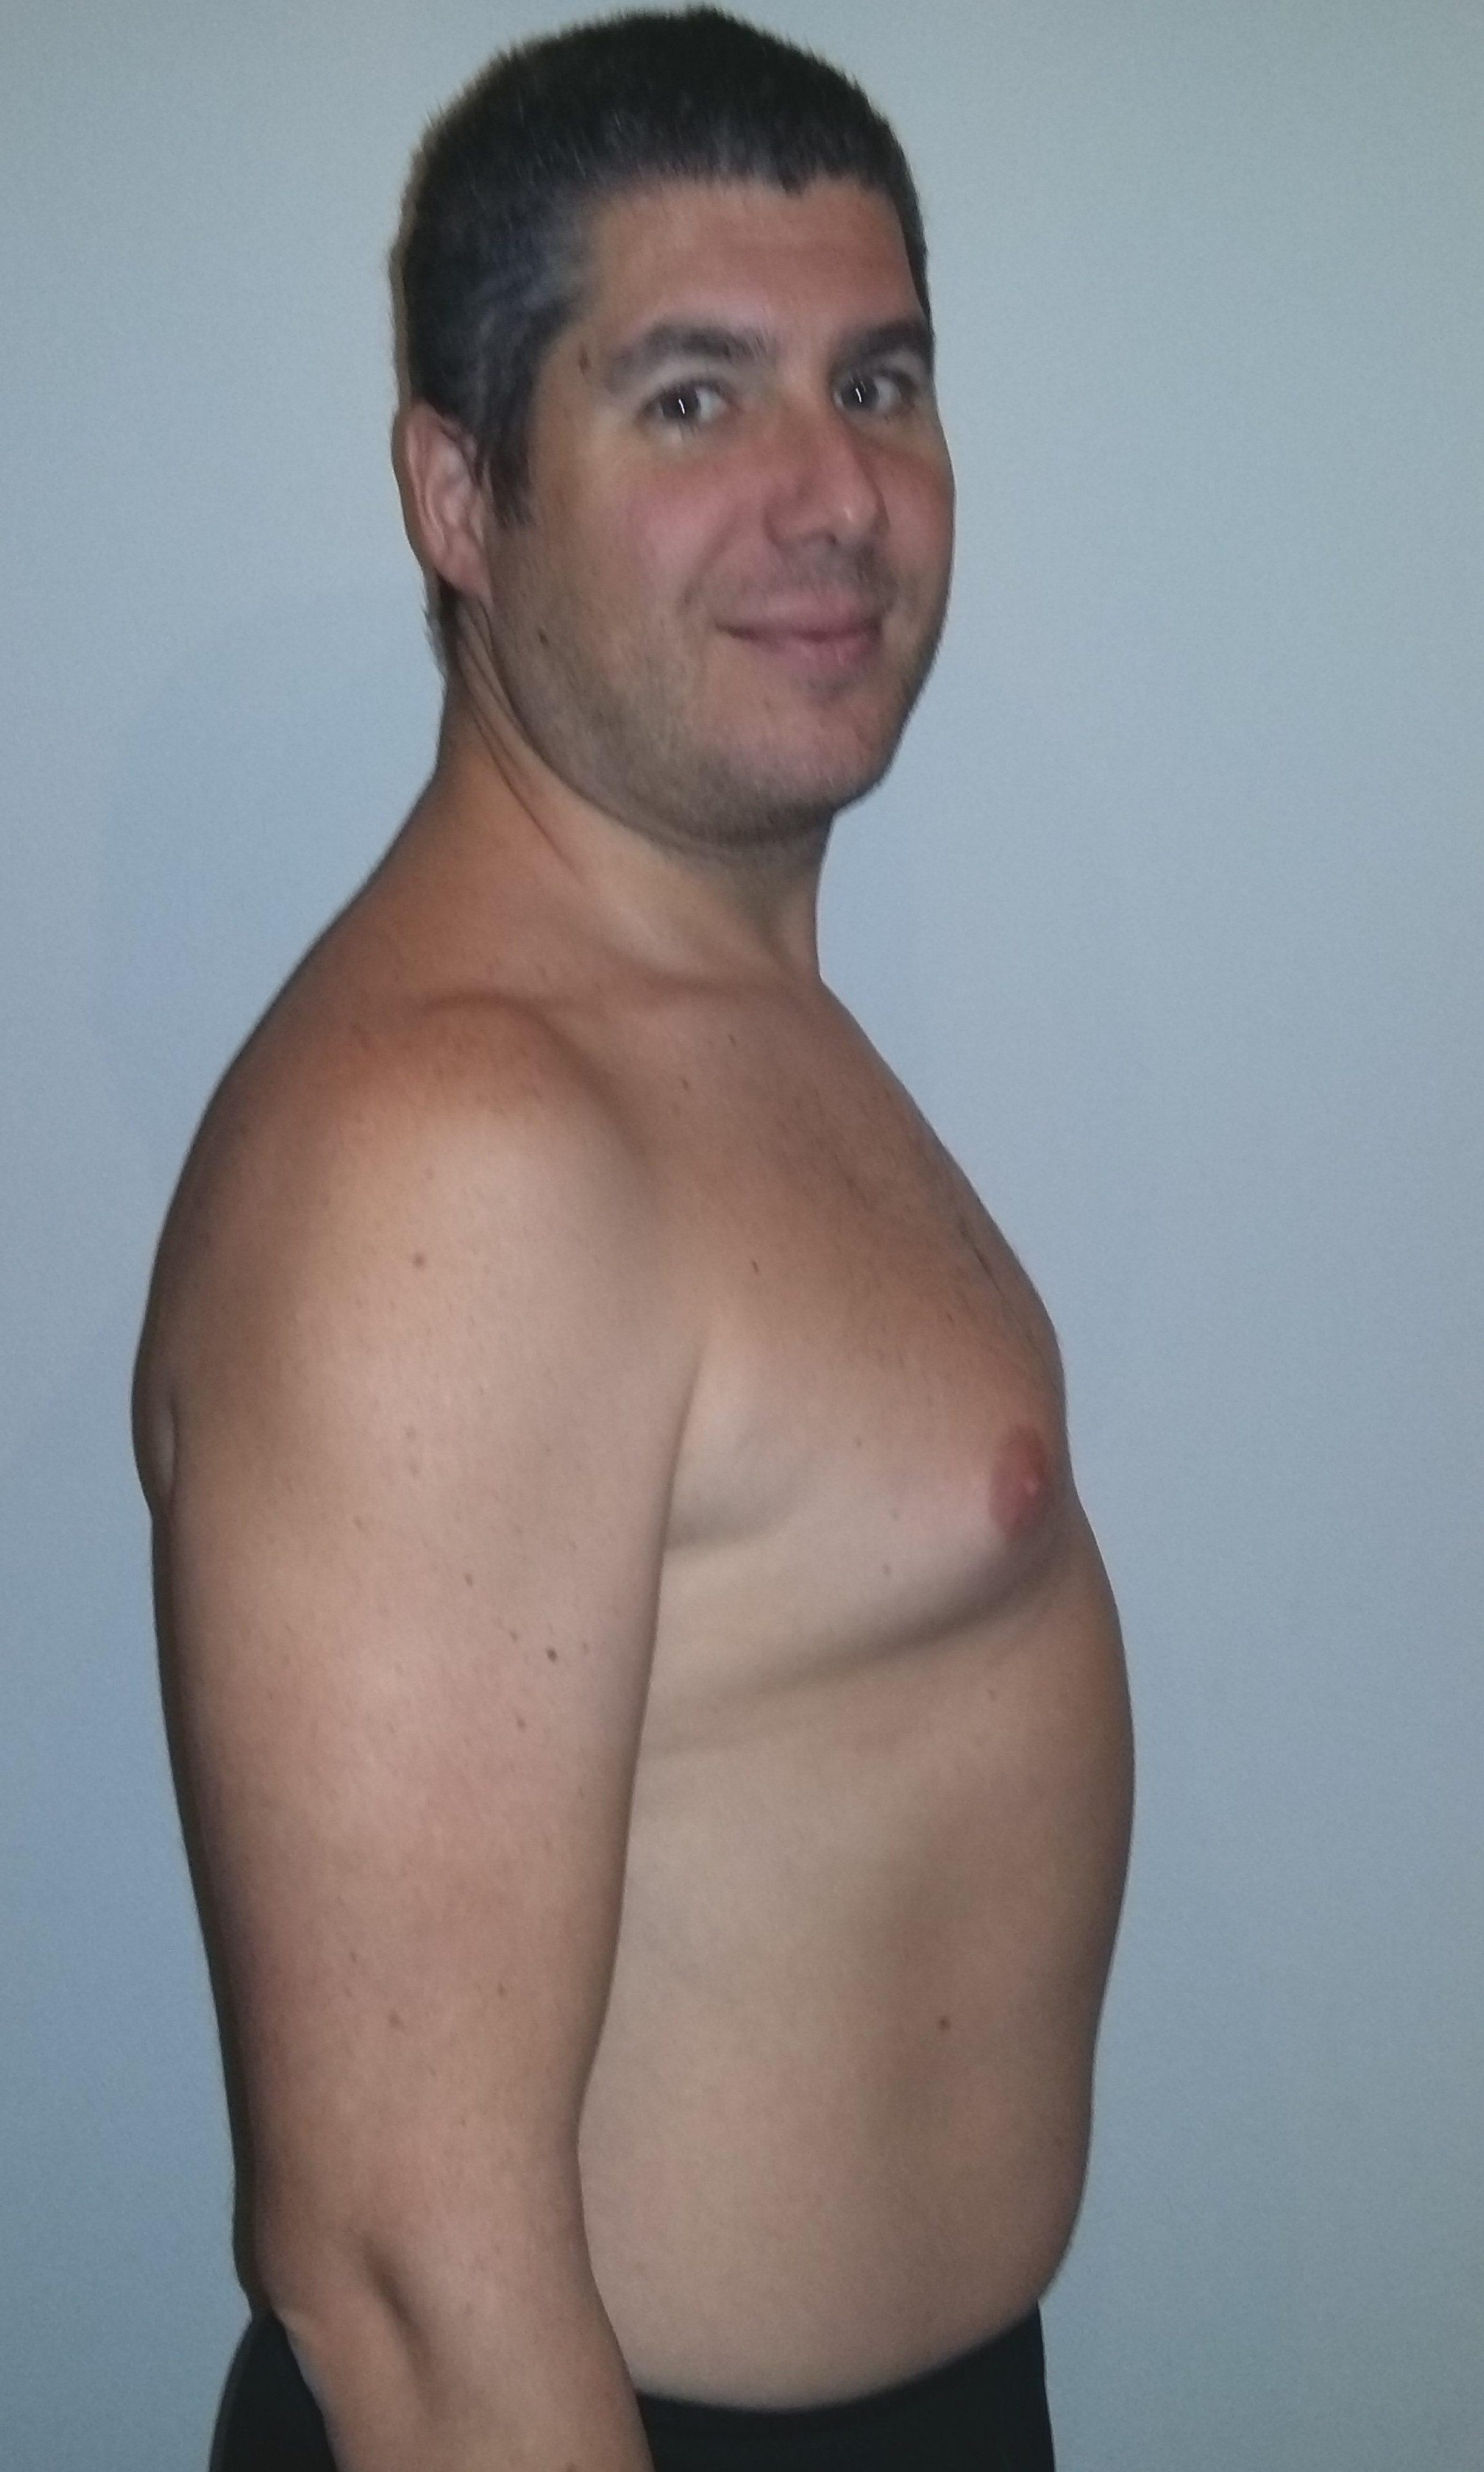 Markus hat mit BodyChange erfolgreich abgenommen